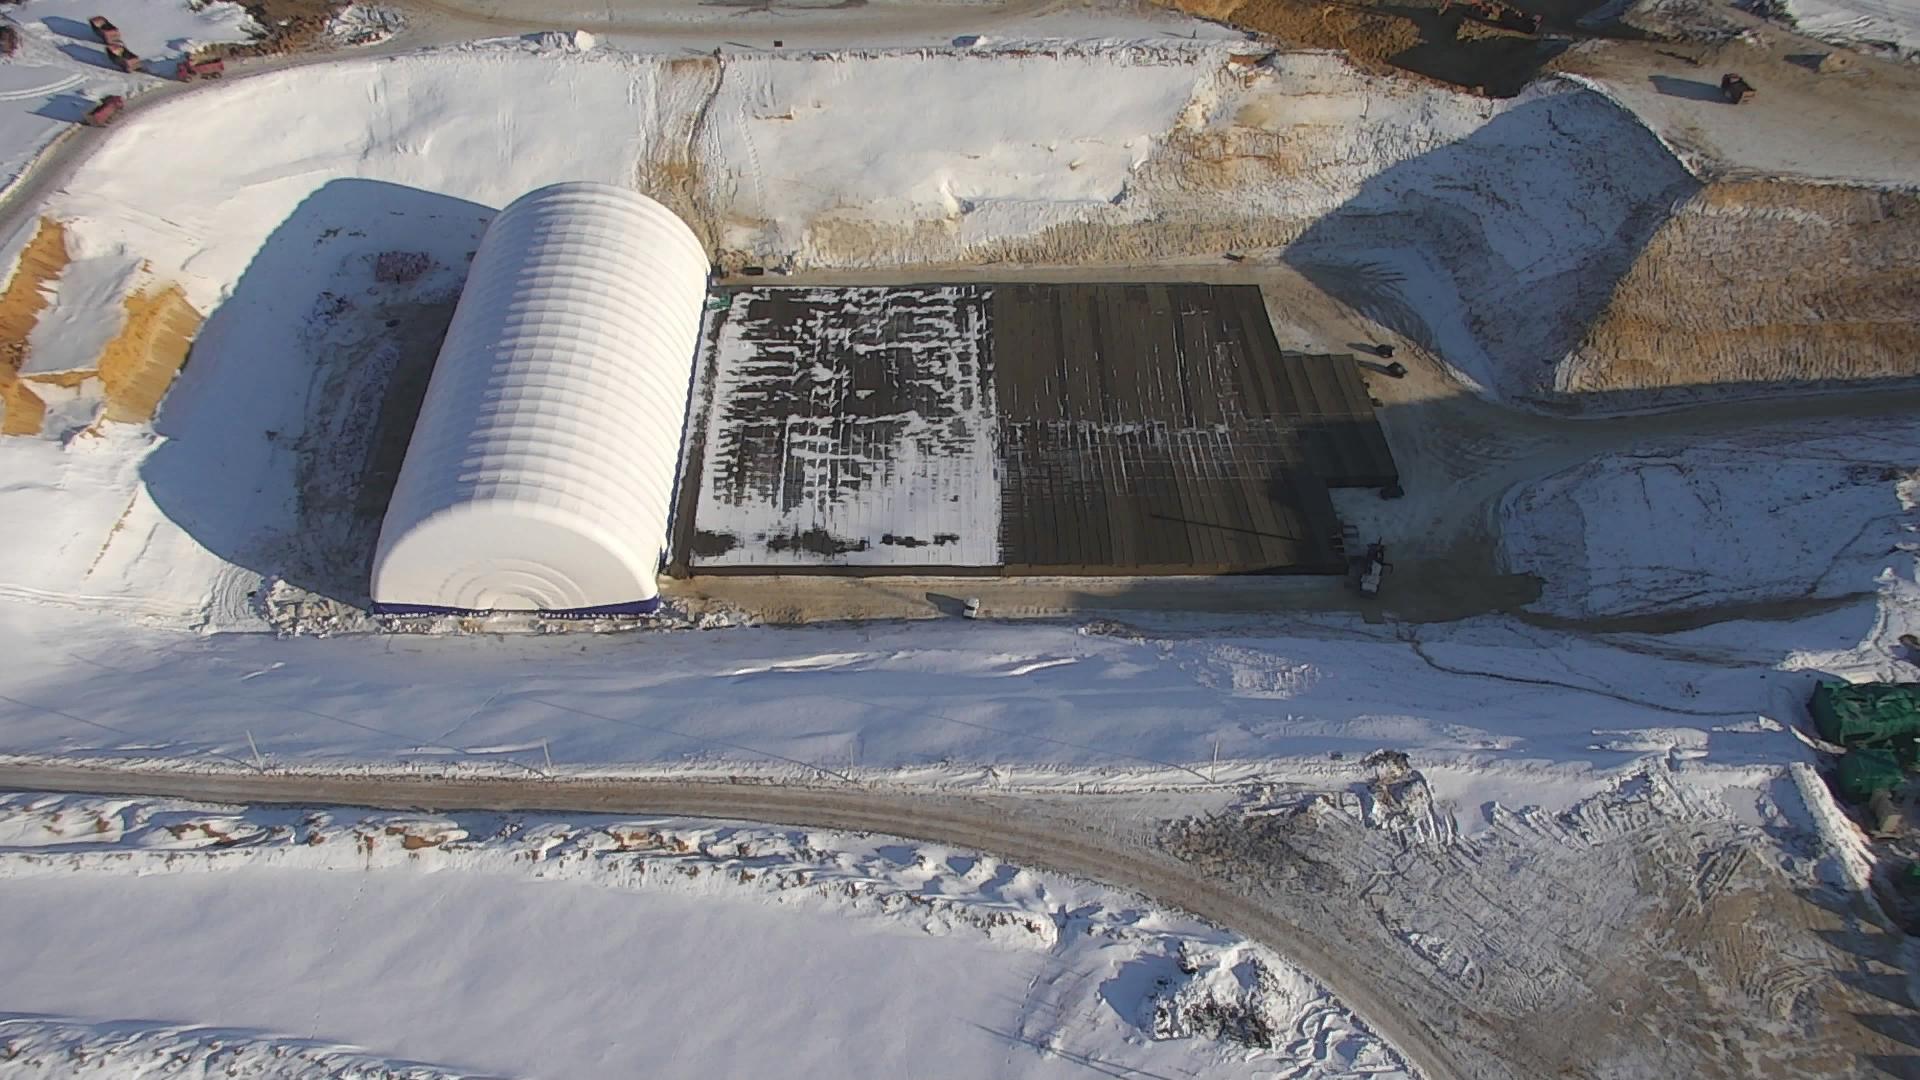 укрытие от мороза в котловане для стартового стола на Восточном, январь 2020